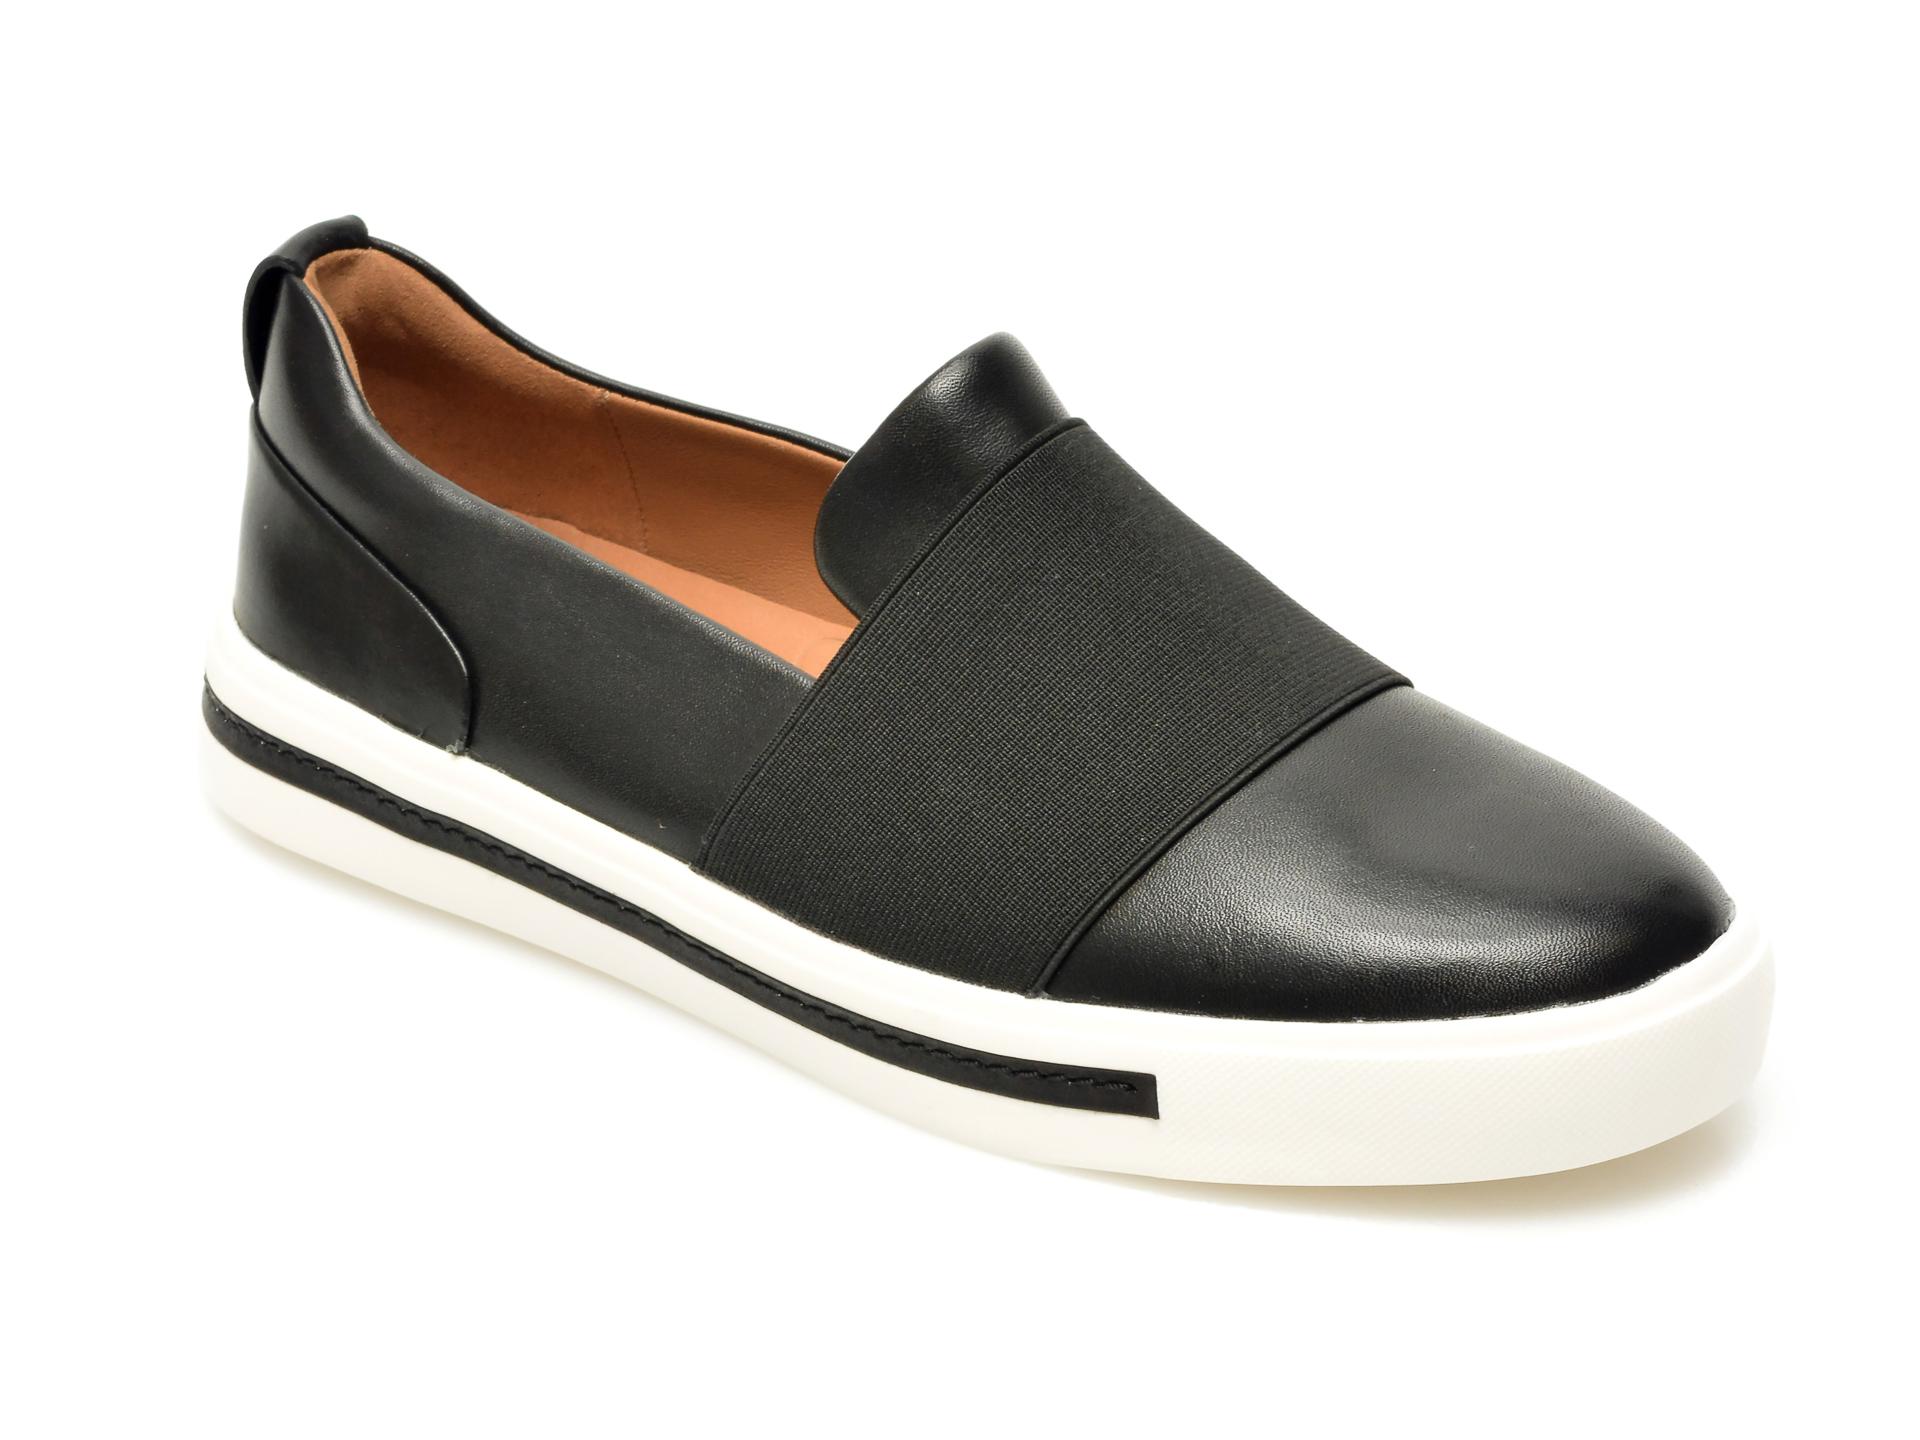 Pantofi CLARKS alb-negru, Hero Brogue., din piele naturala